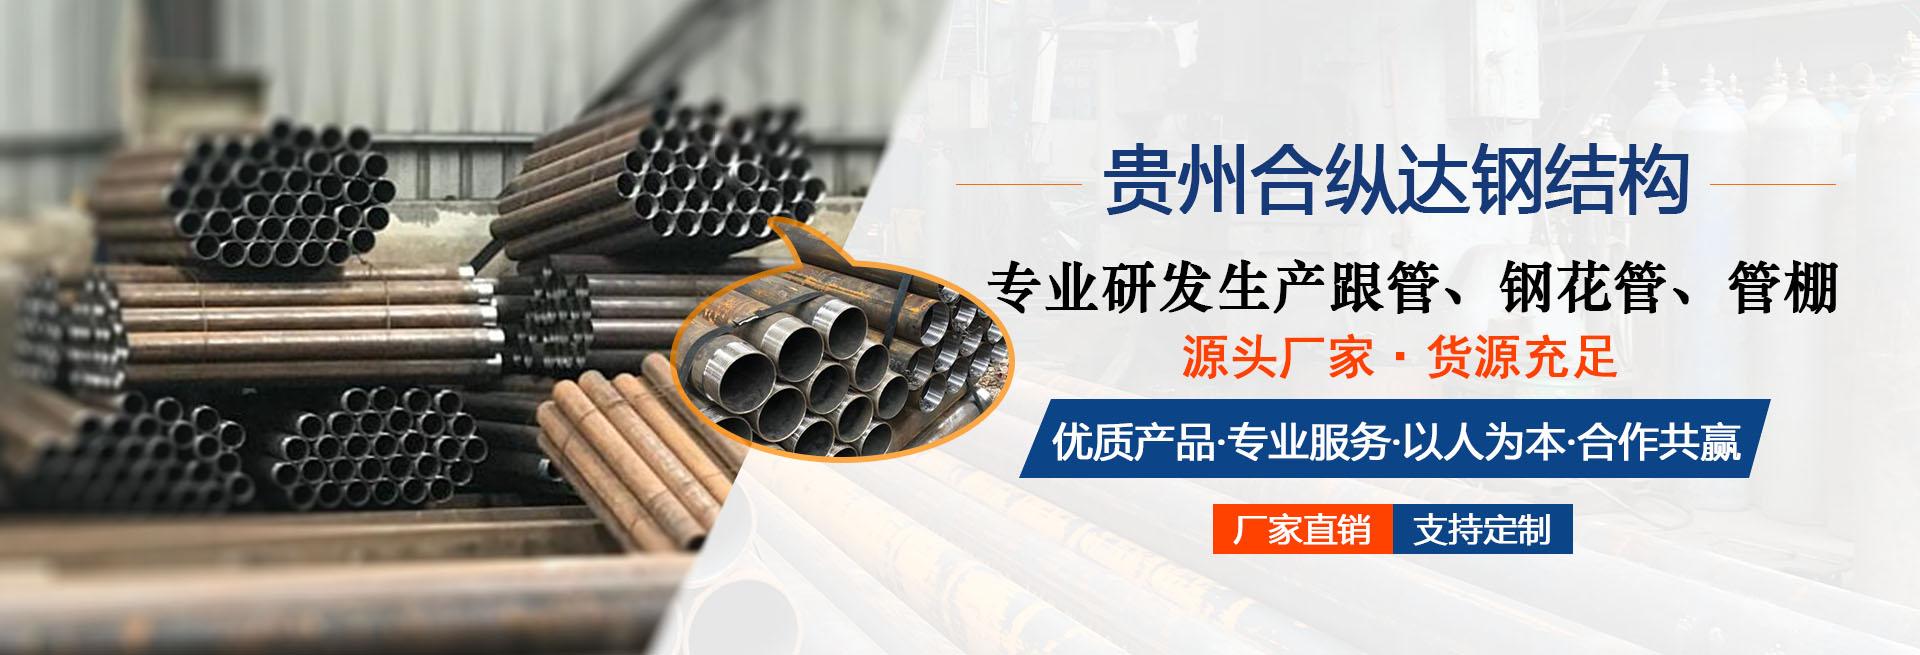 貴州鋼材加工